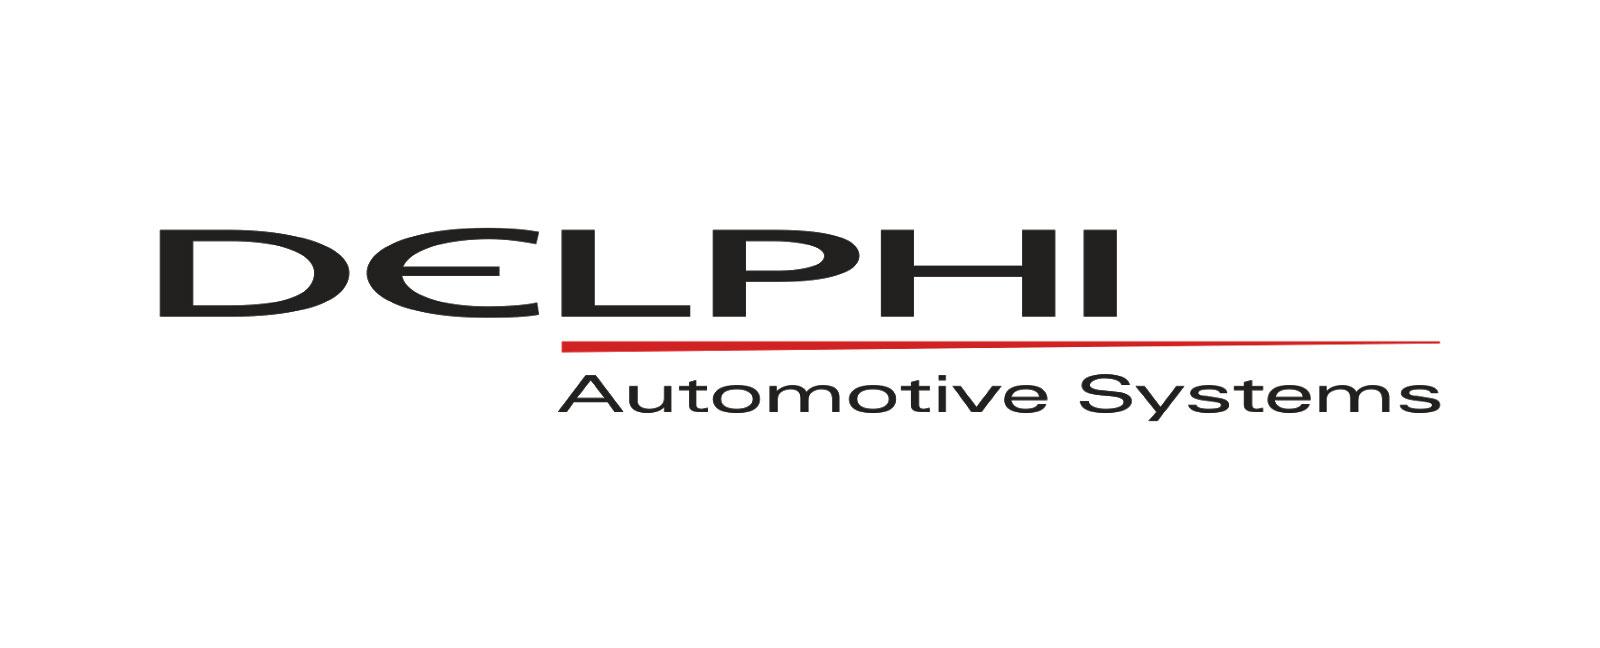 Delphi-Automotive-Systems